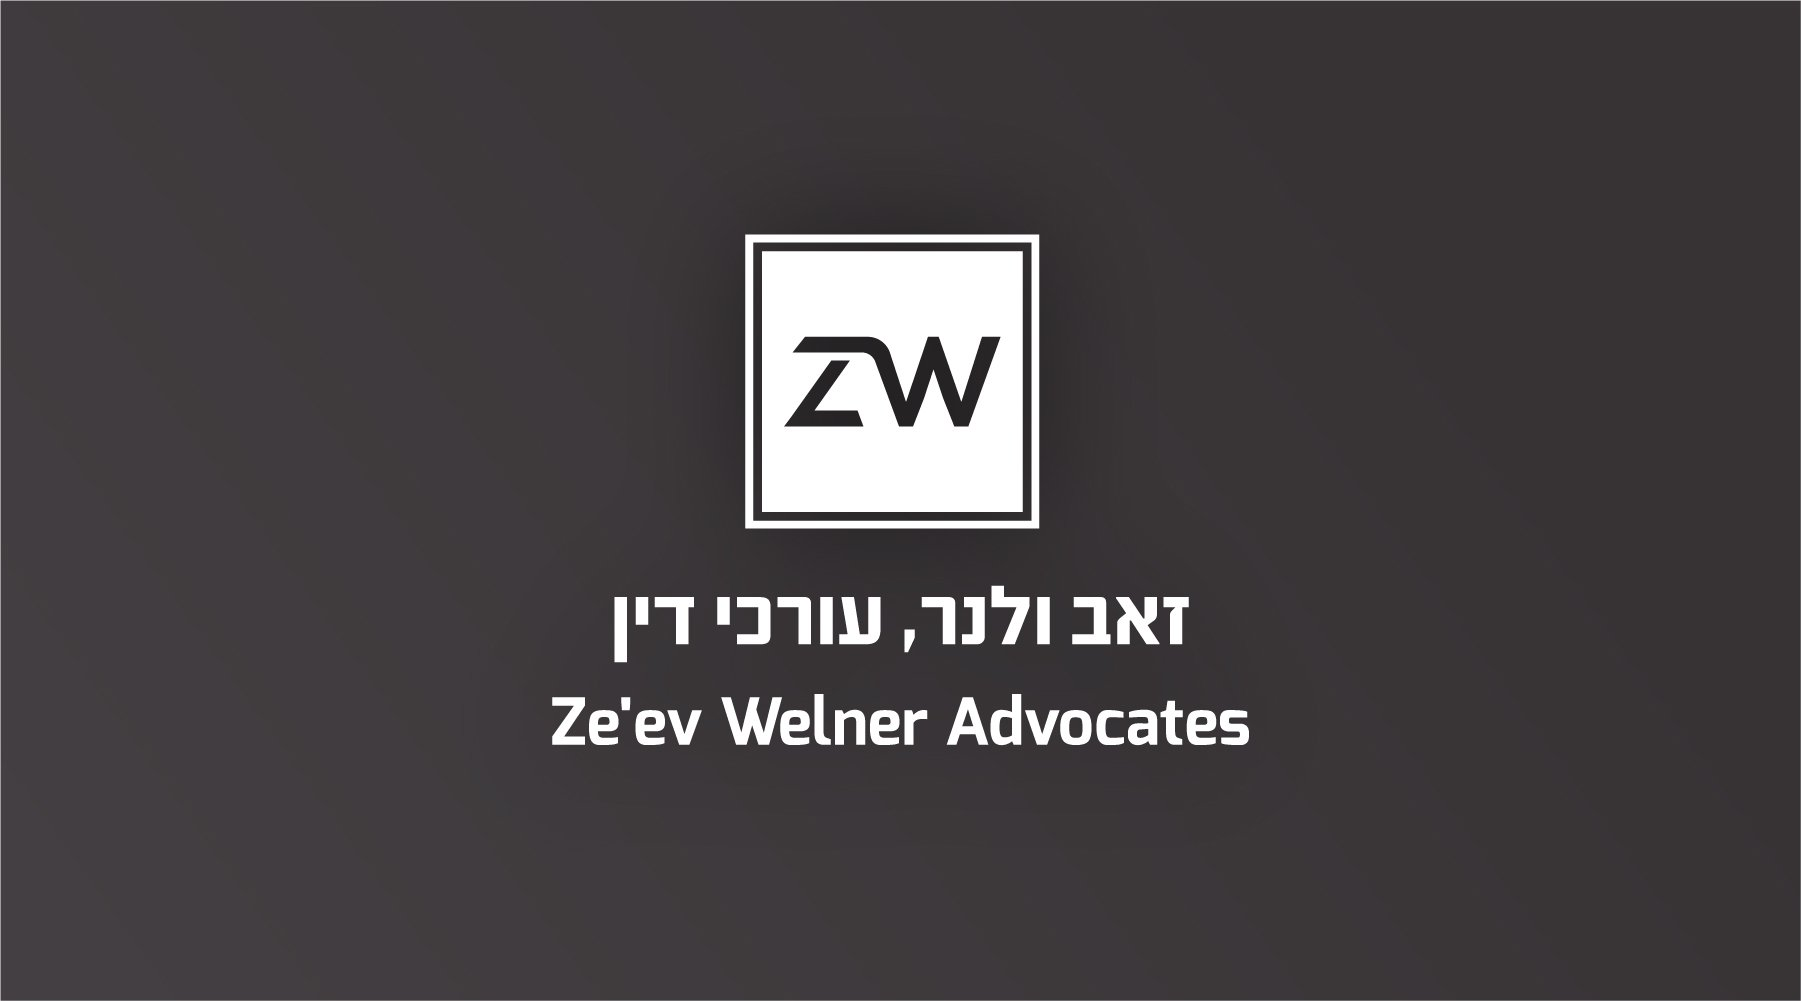 עיצוב לוגו ומיתוג לעורך דין זאב ולנר